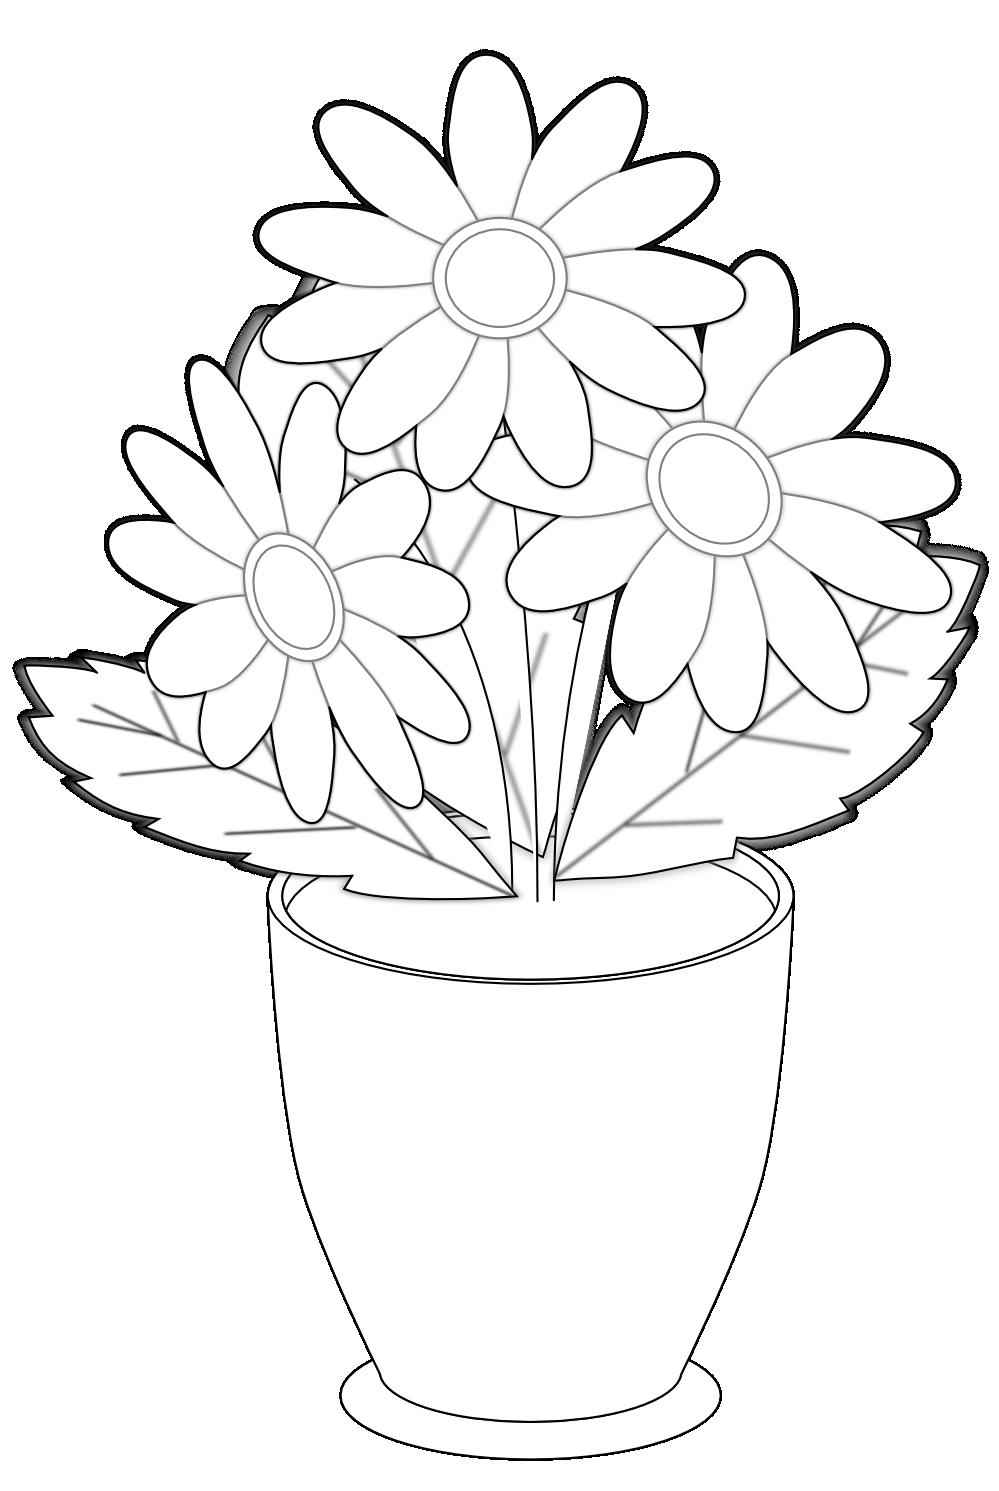 Шаблон открытки цветы в горшках, прикольные картинки